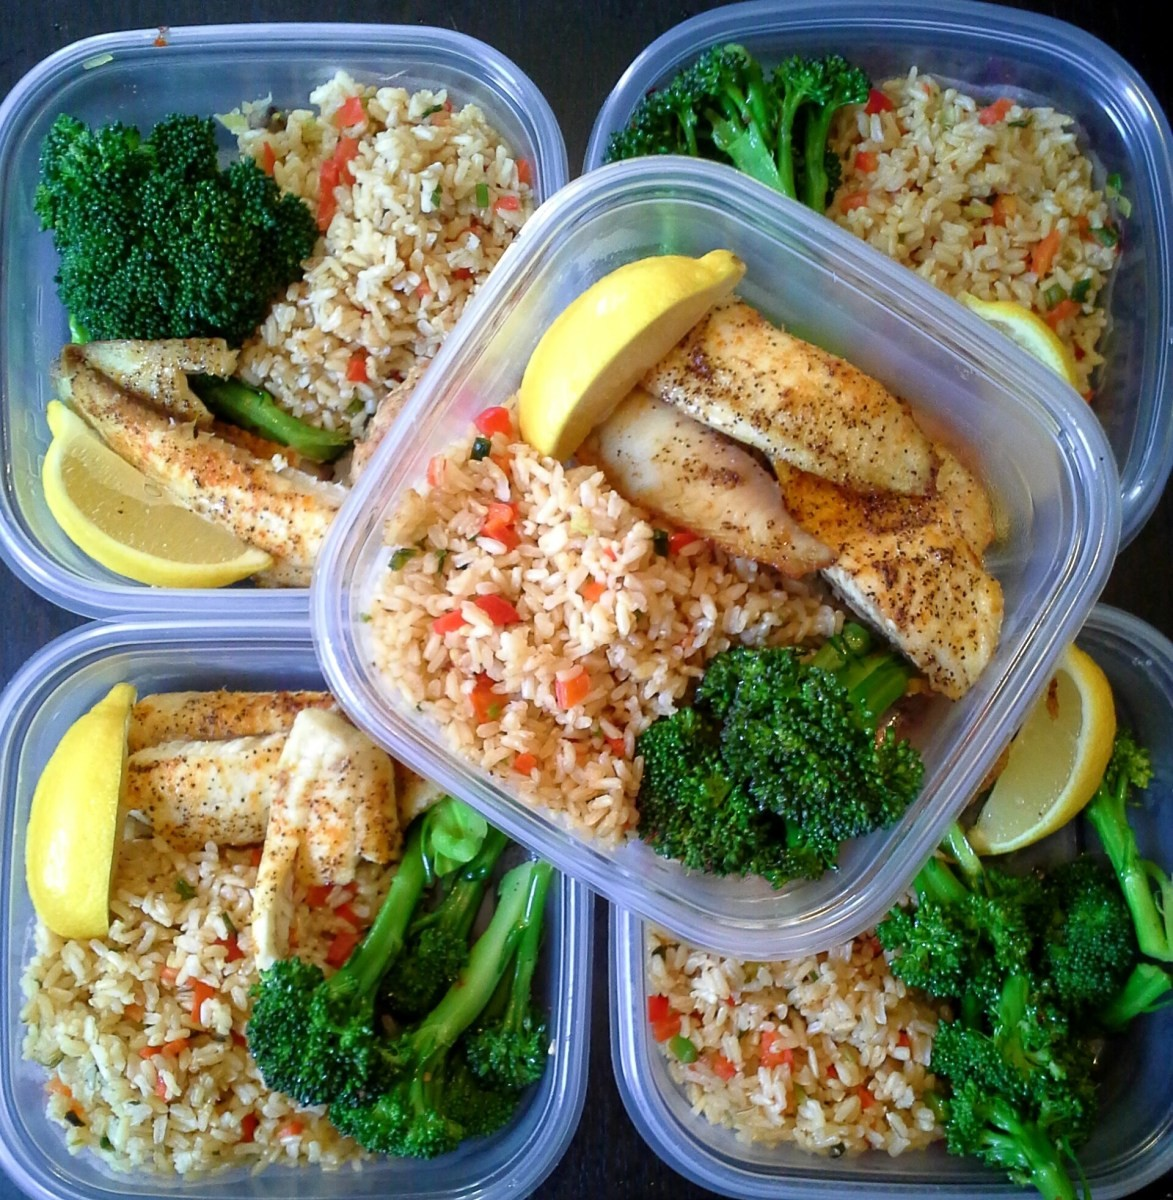 Правильное Похудение Рецепты Блюд. Рецепты ПП на каждый день для похудения, простые и вкусные, с калорийностью блюд, меню из простых продуктов